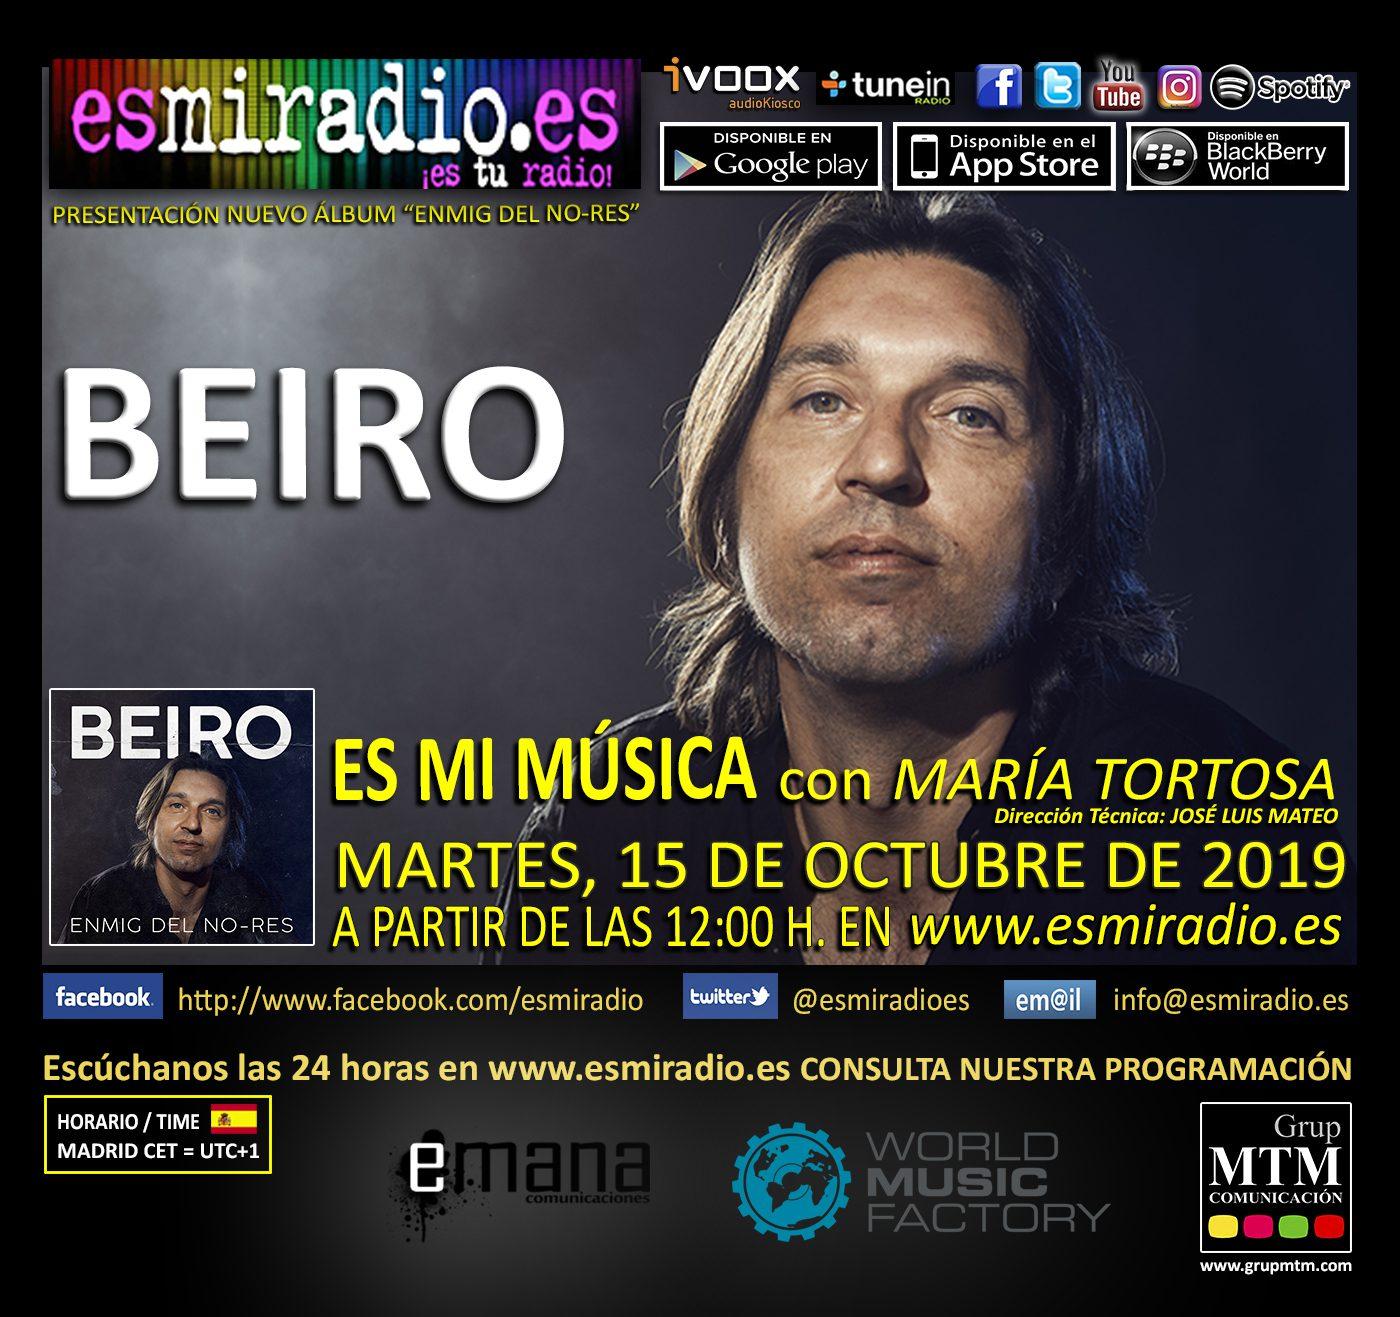 Beiro 151019 esmiradio